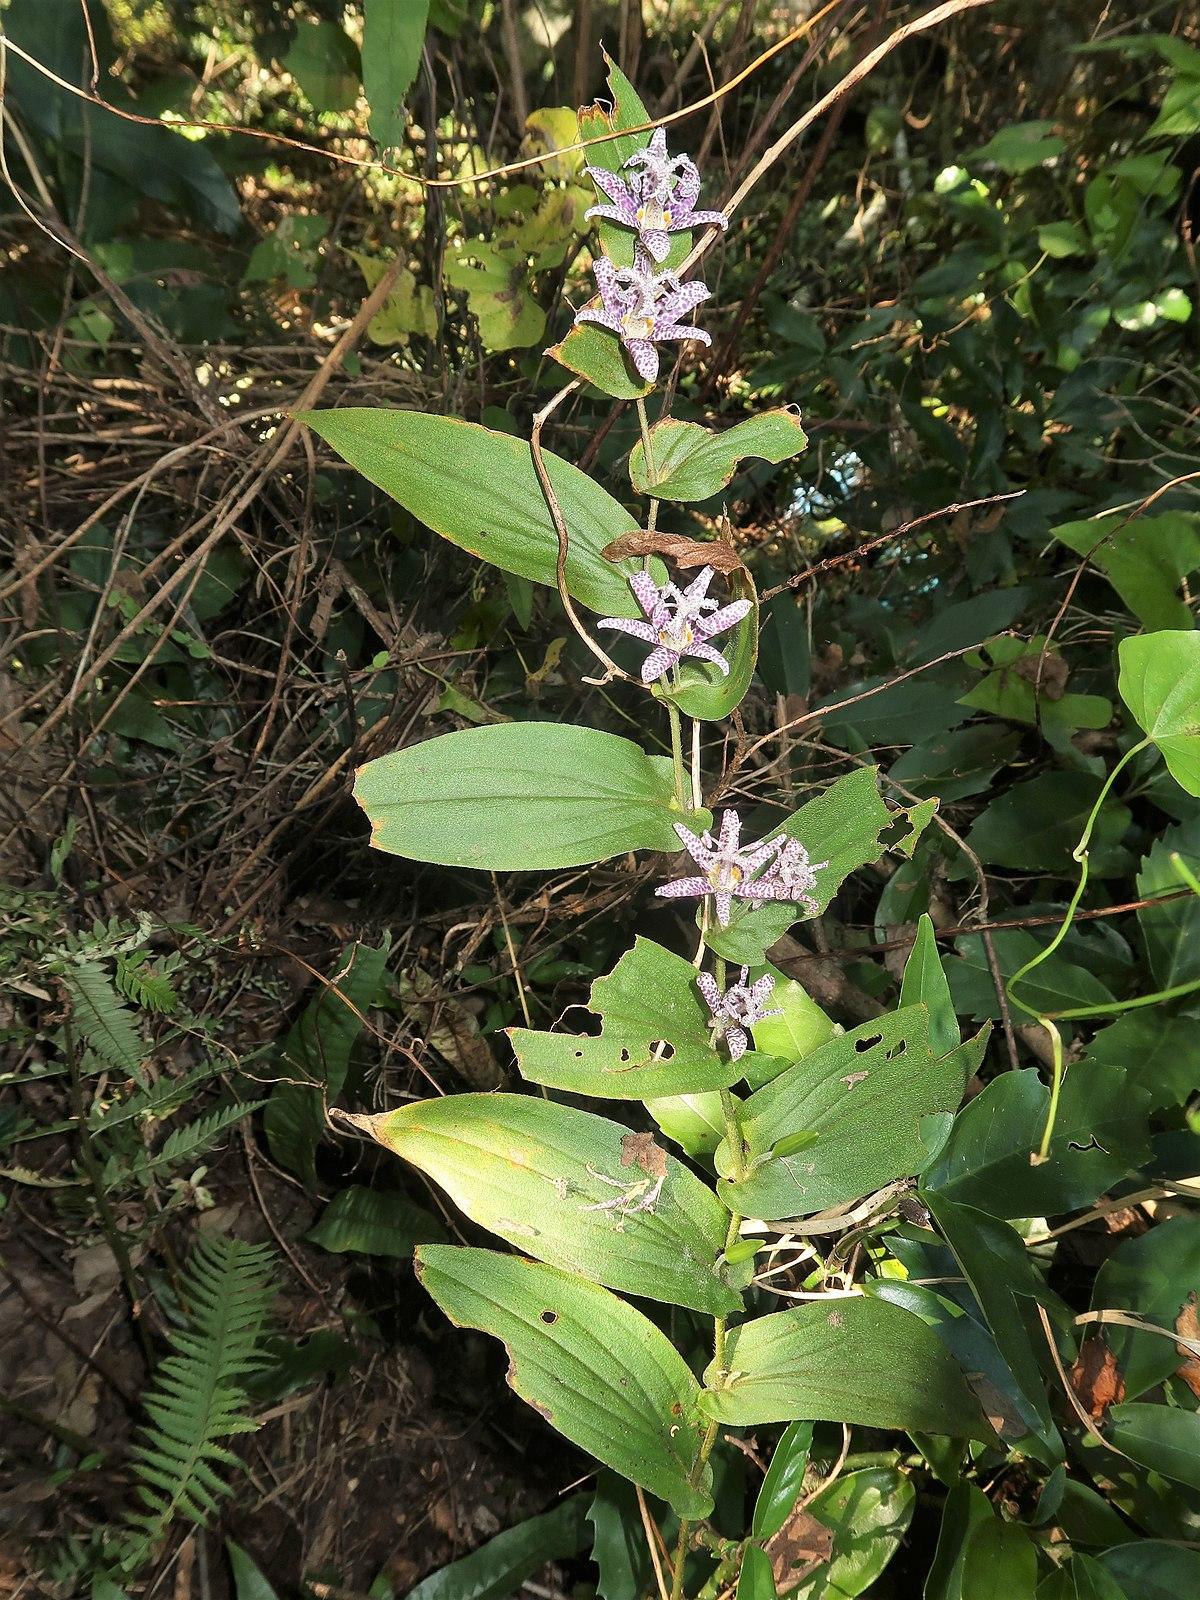 ホトトギス (植物) - Wikipedia